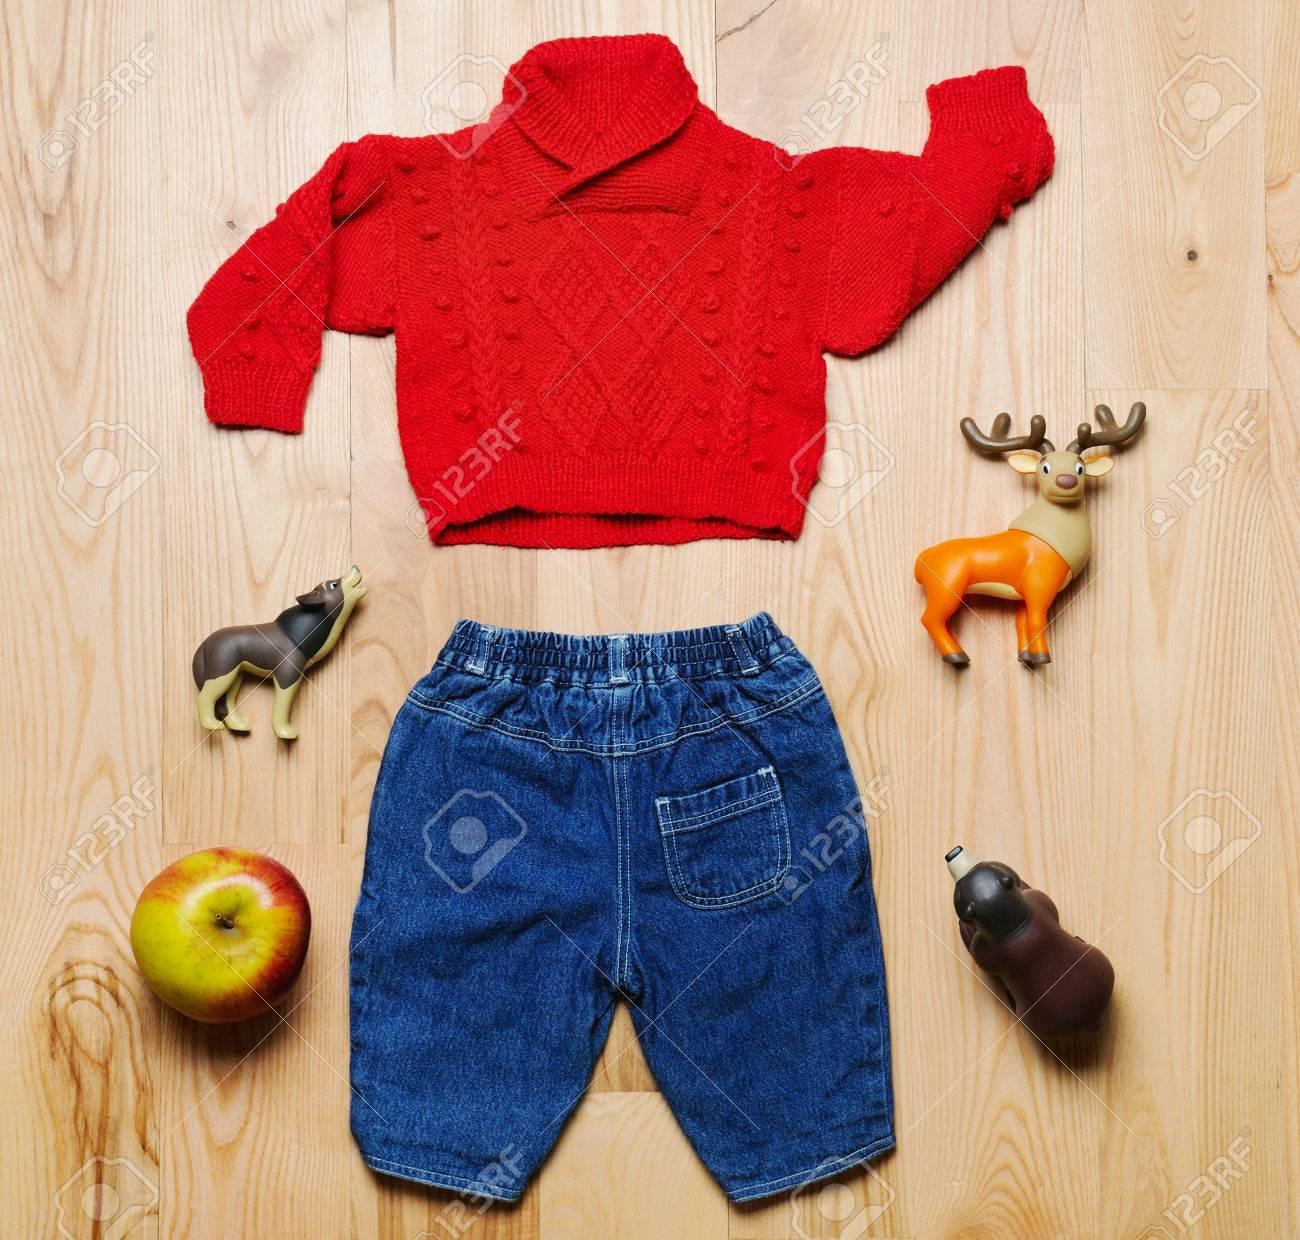 catalogo ropa de bebe c&a